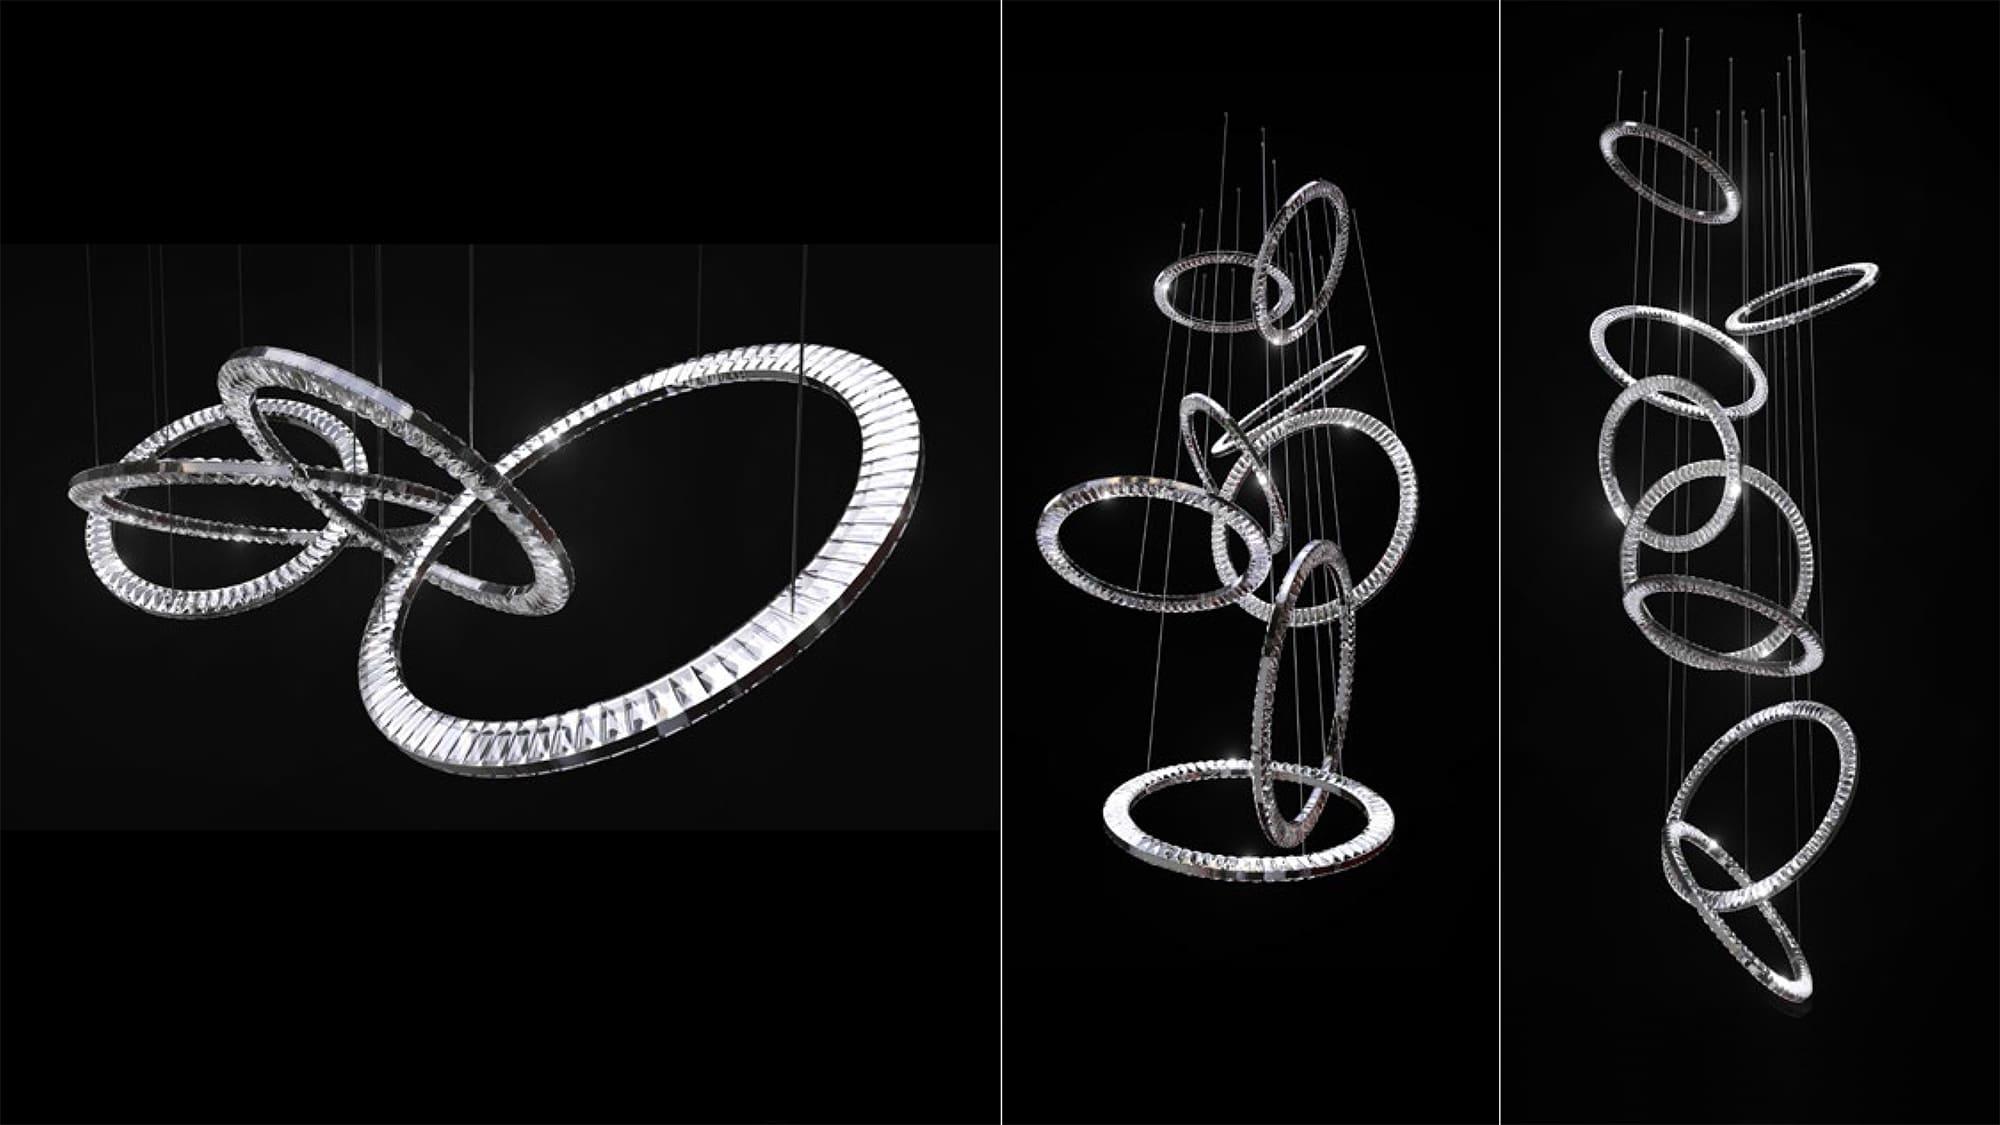 modern crystal chandeliers made of big rings